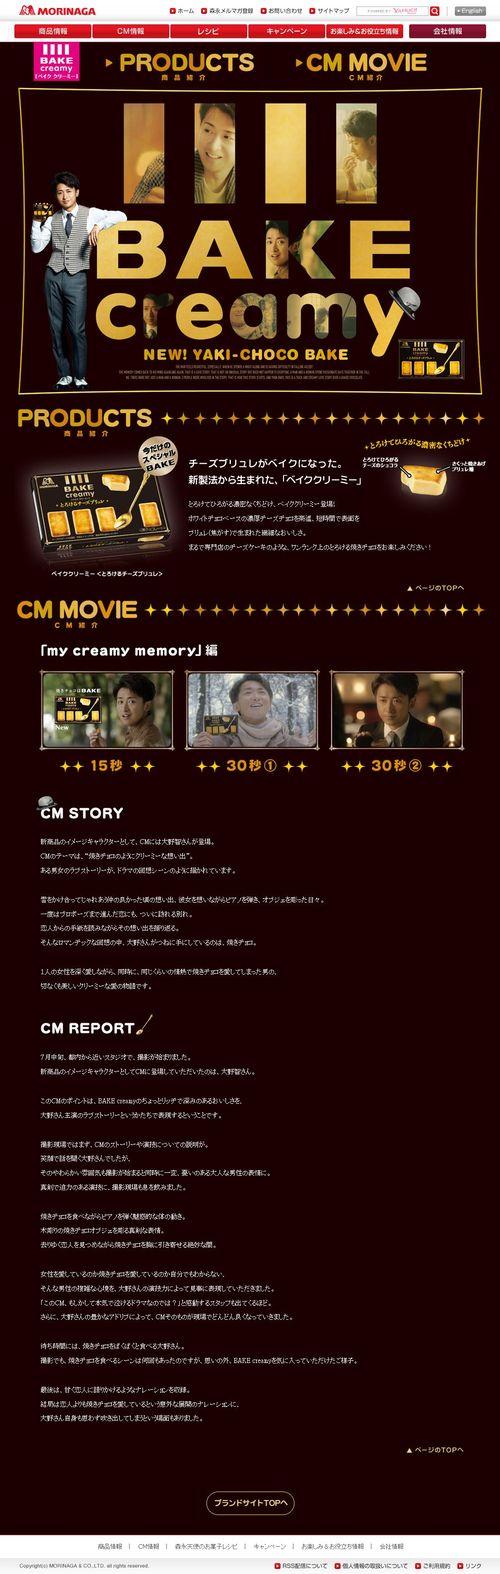 2013.01.16 PUB MORINAGA BAKE CREAMY 01